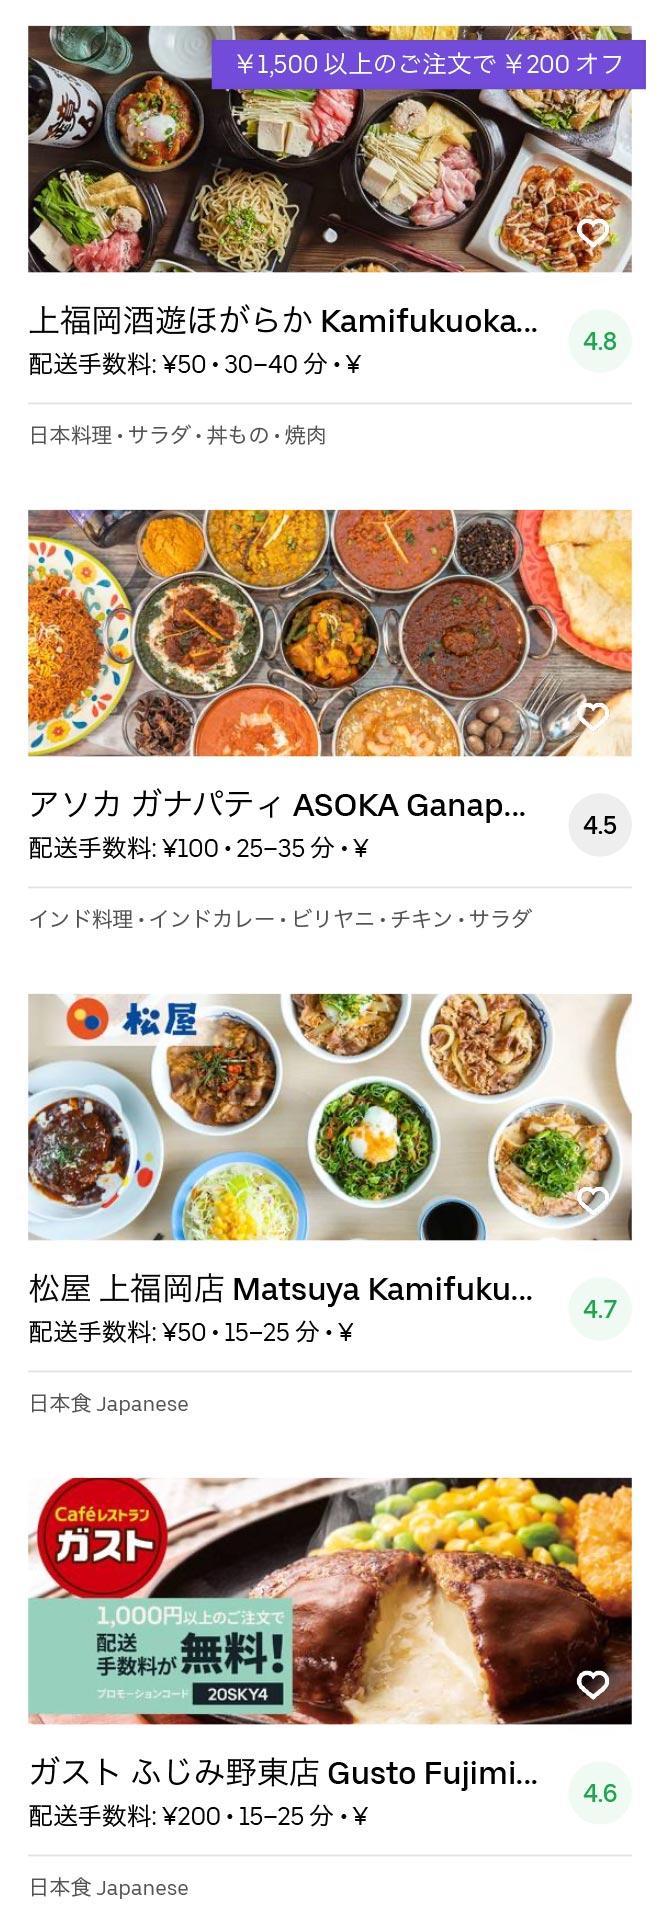 Fujimino kamifukuoka menu 2004 01